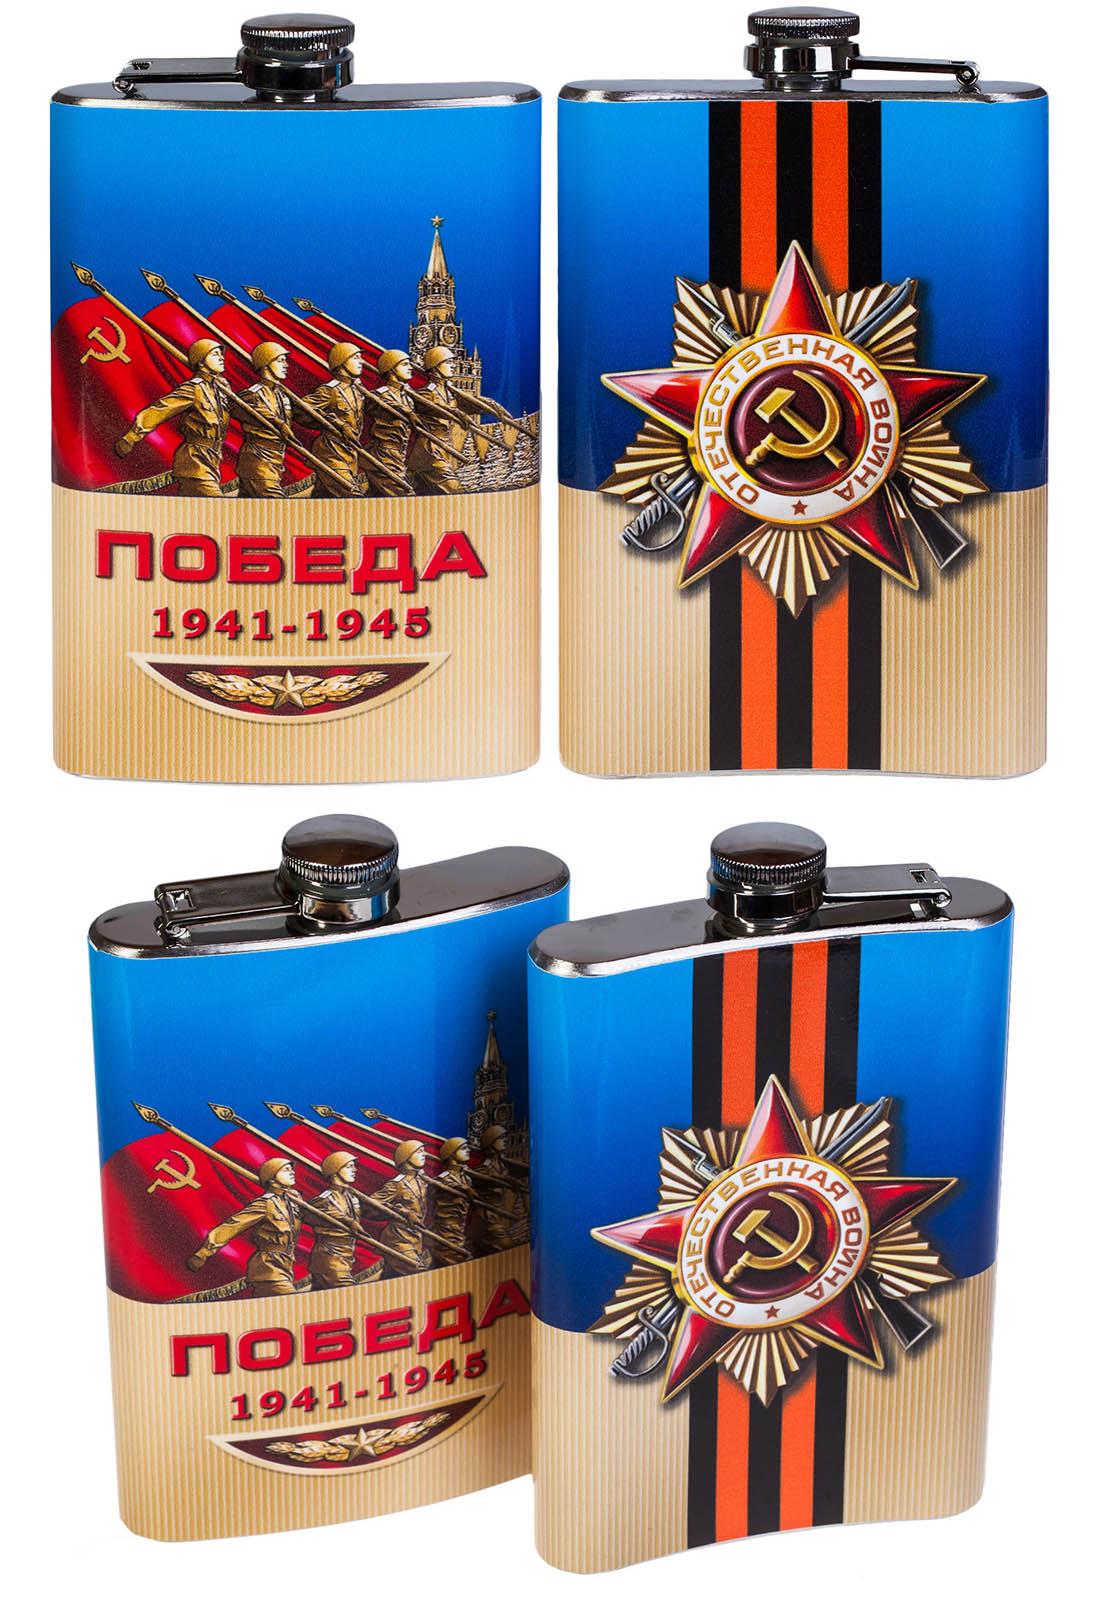 Фляжка Победа 1941-1945 - с доставкой